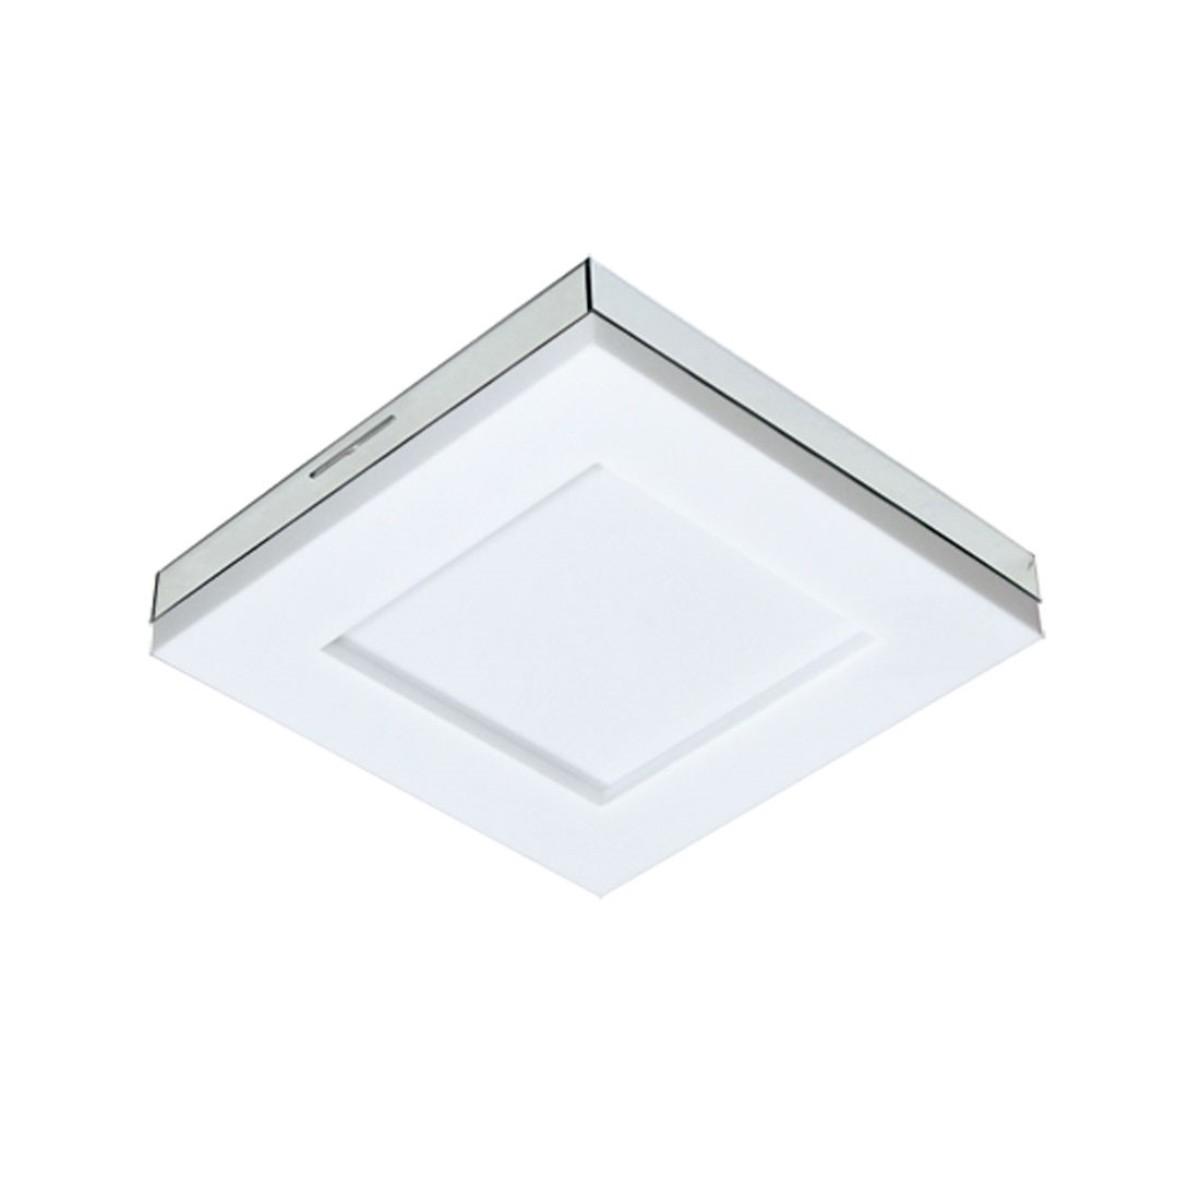 Luminária LED 25W sobrepor Branco Asturias 6500k Tualux